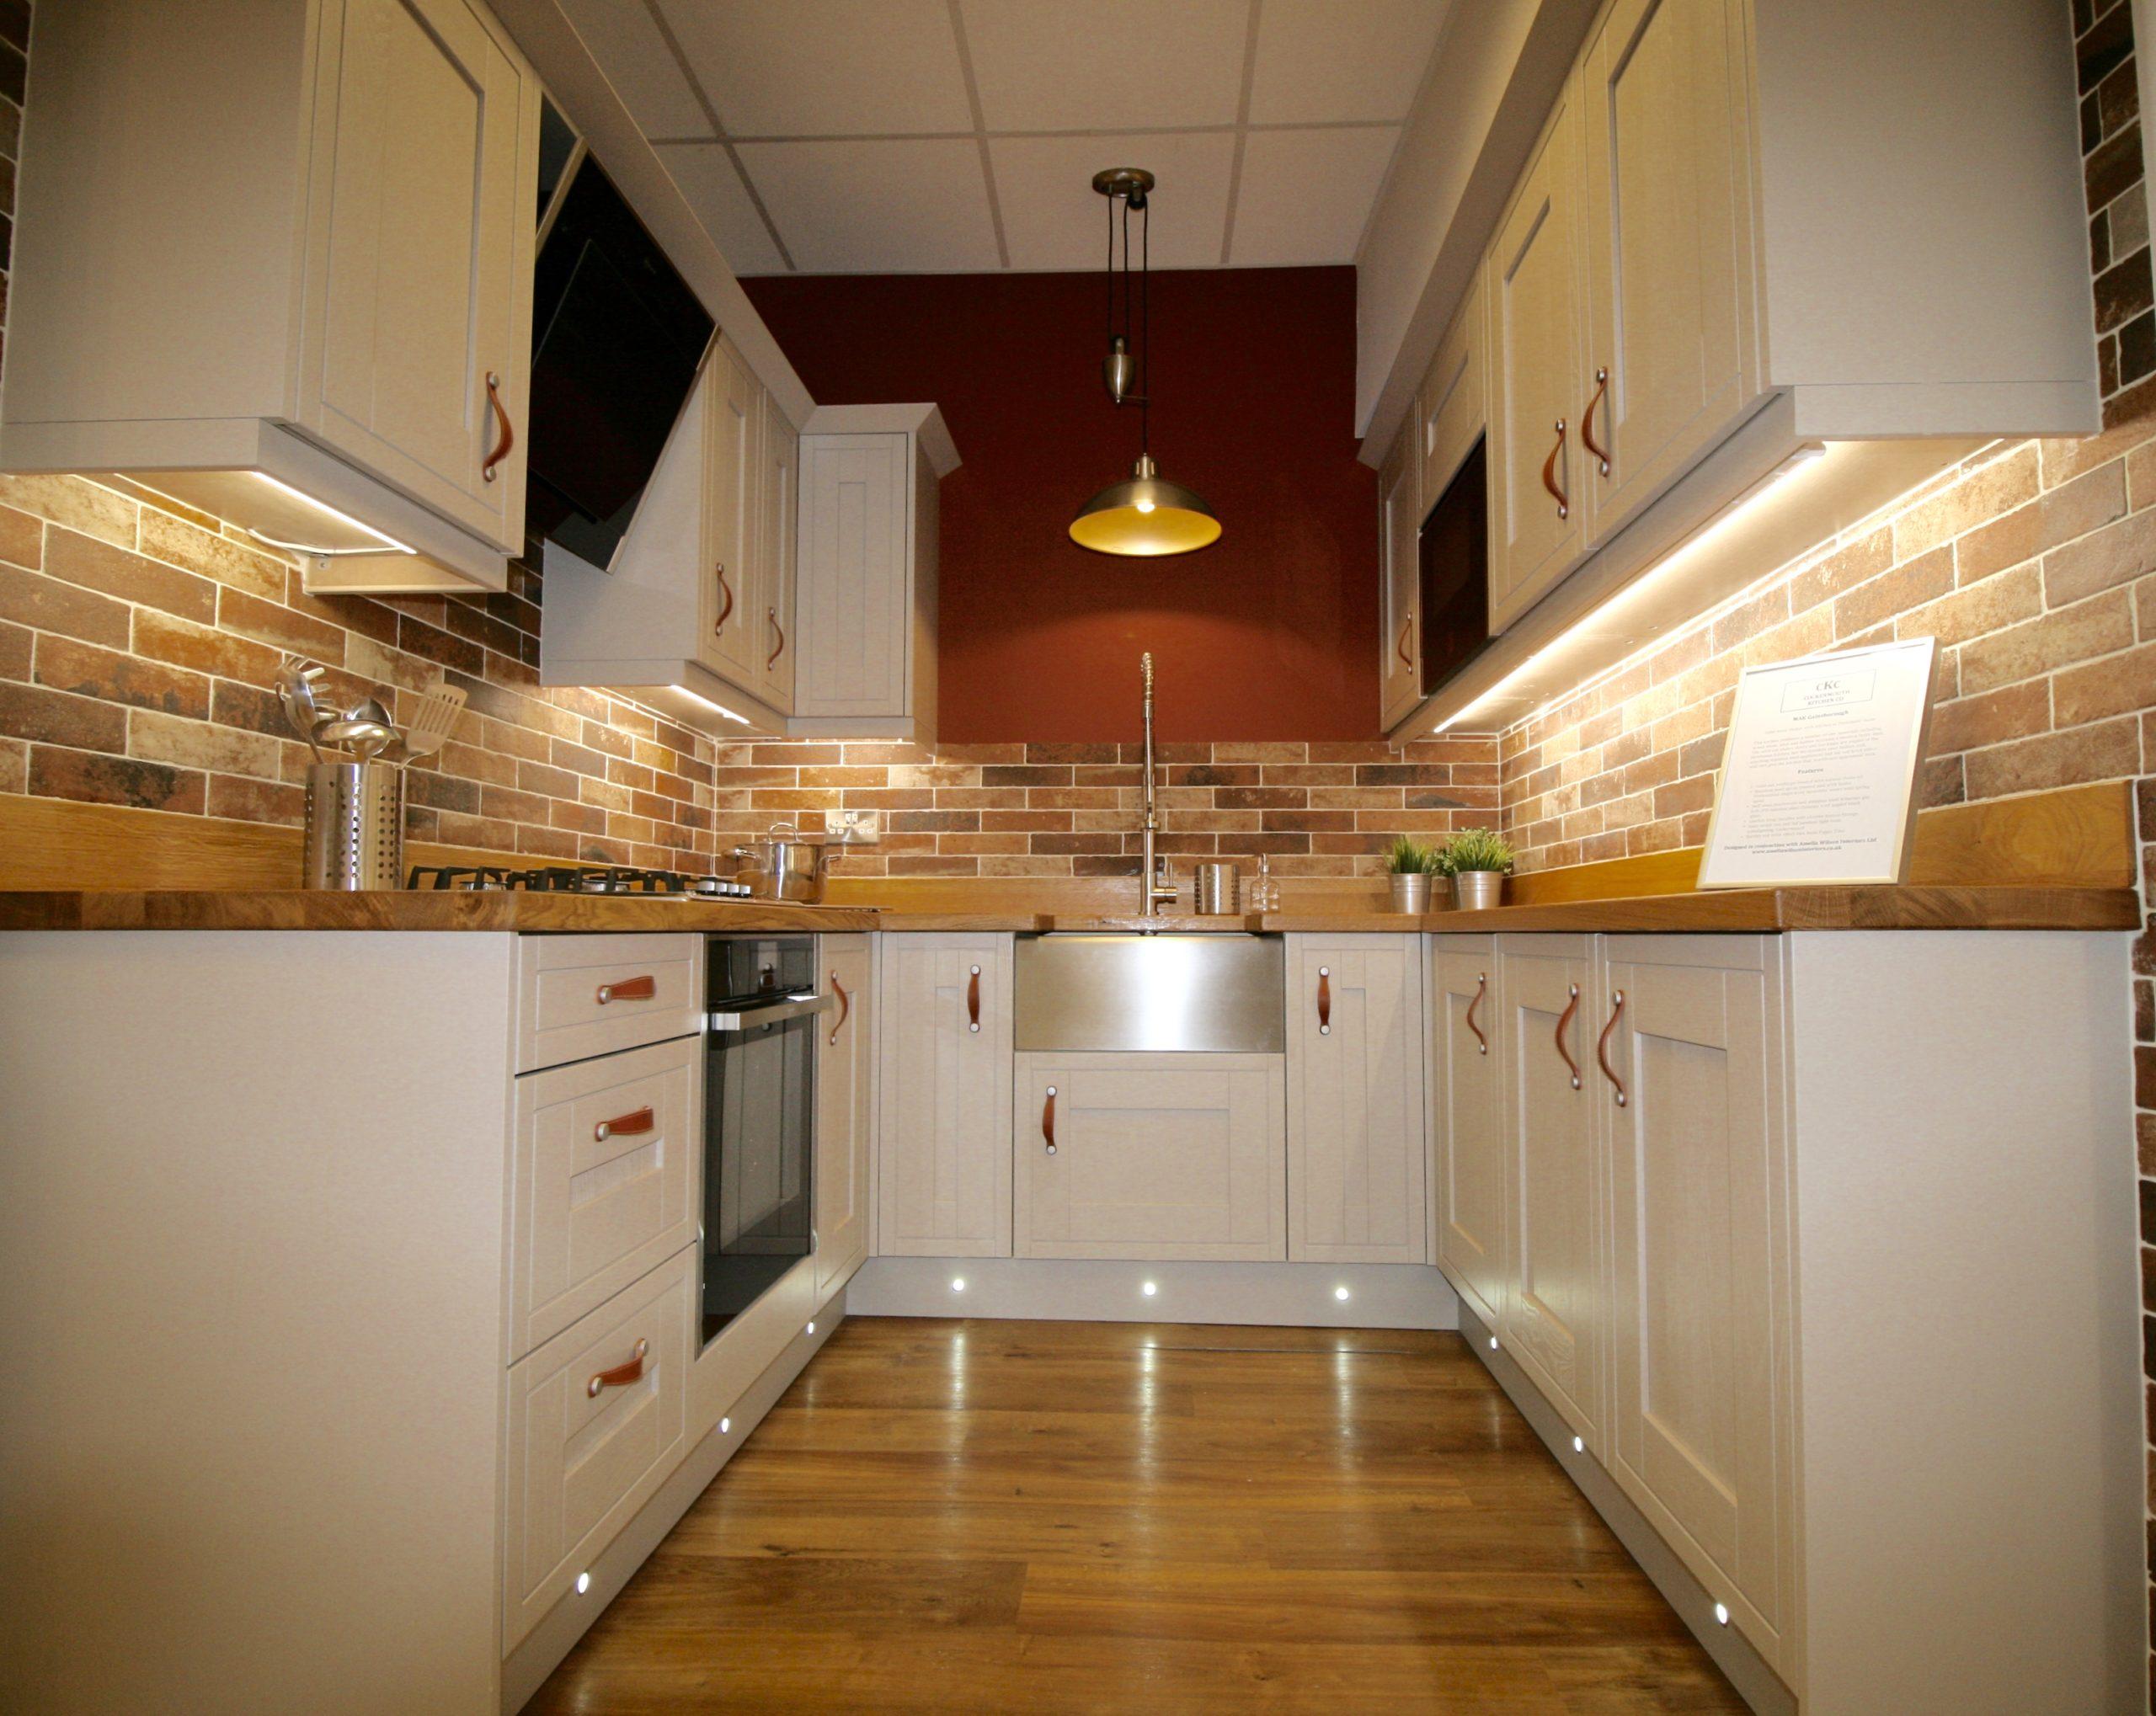 Gainsborough shaker style kitchen in Portobello Stone by PWS